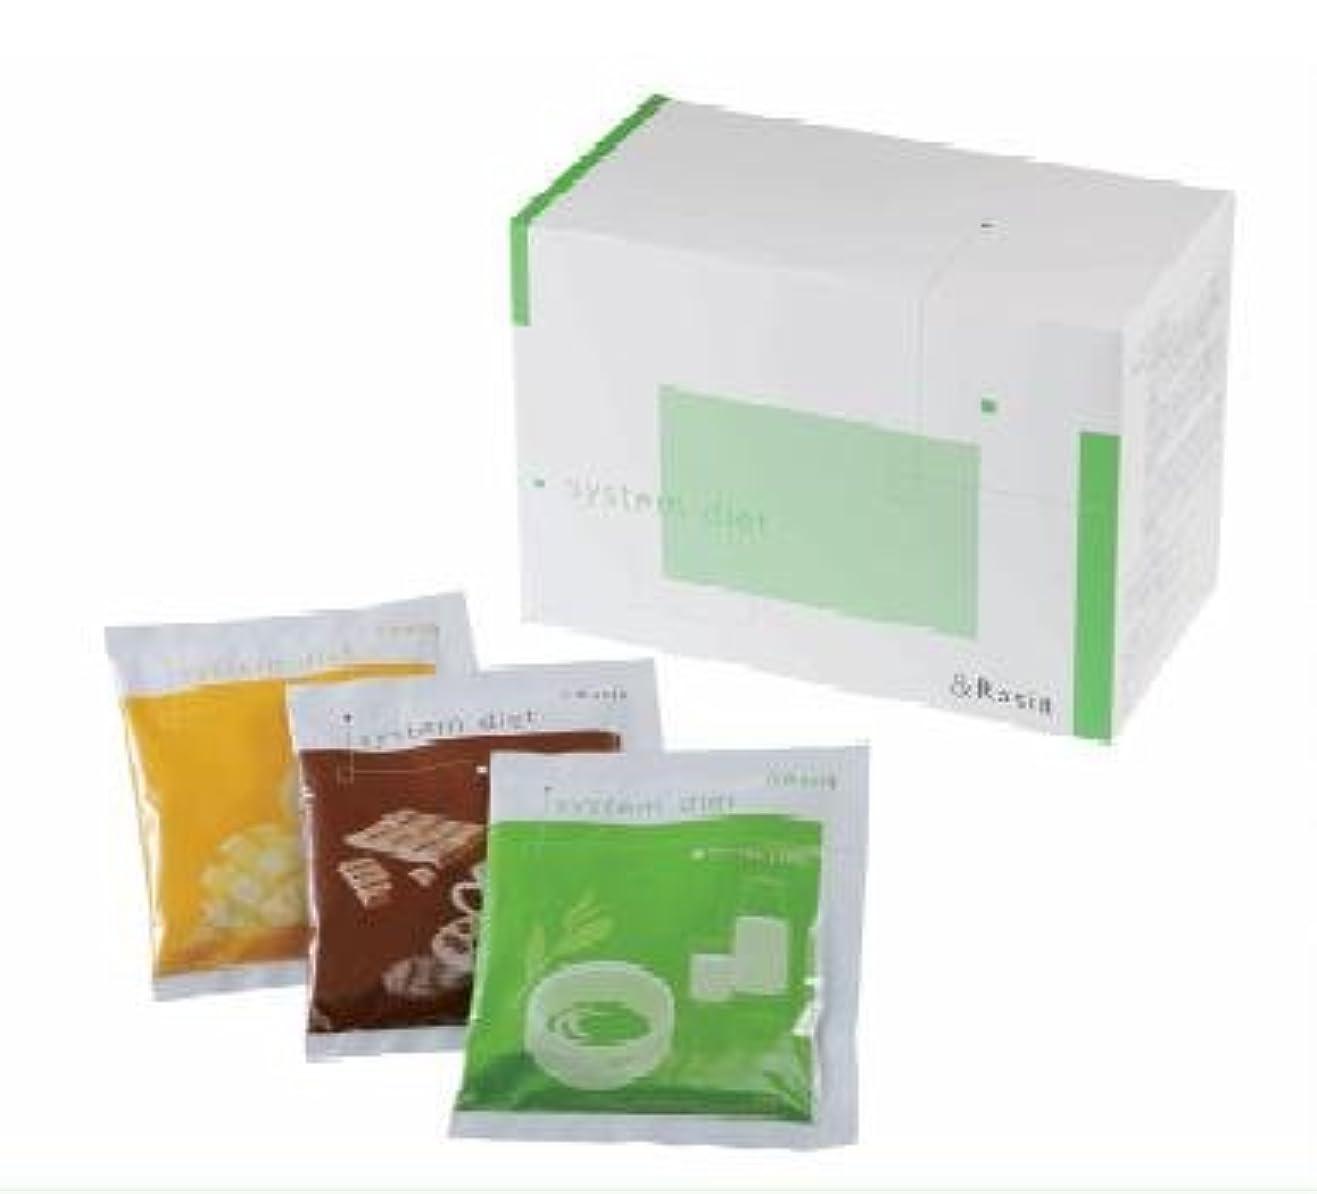 物思いにふける手入れ自動的にアンドラティア システムダイエット 40g×14包 &ラティア &Ratia